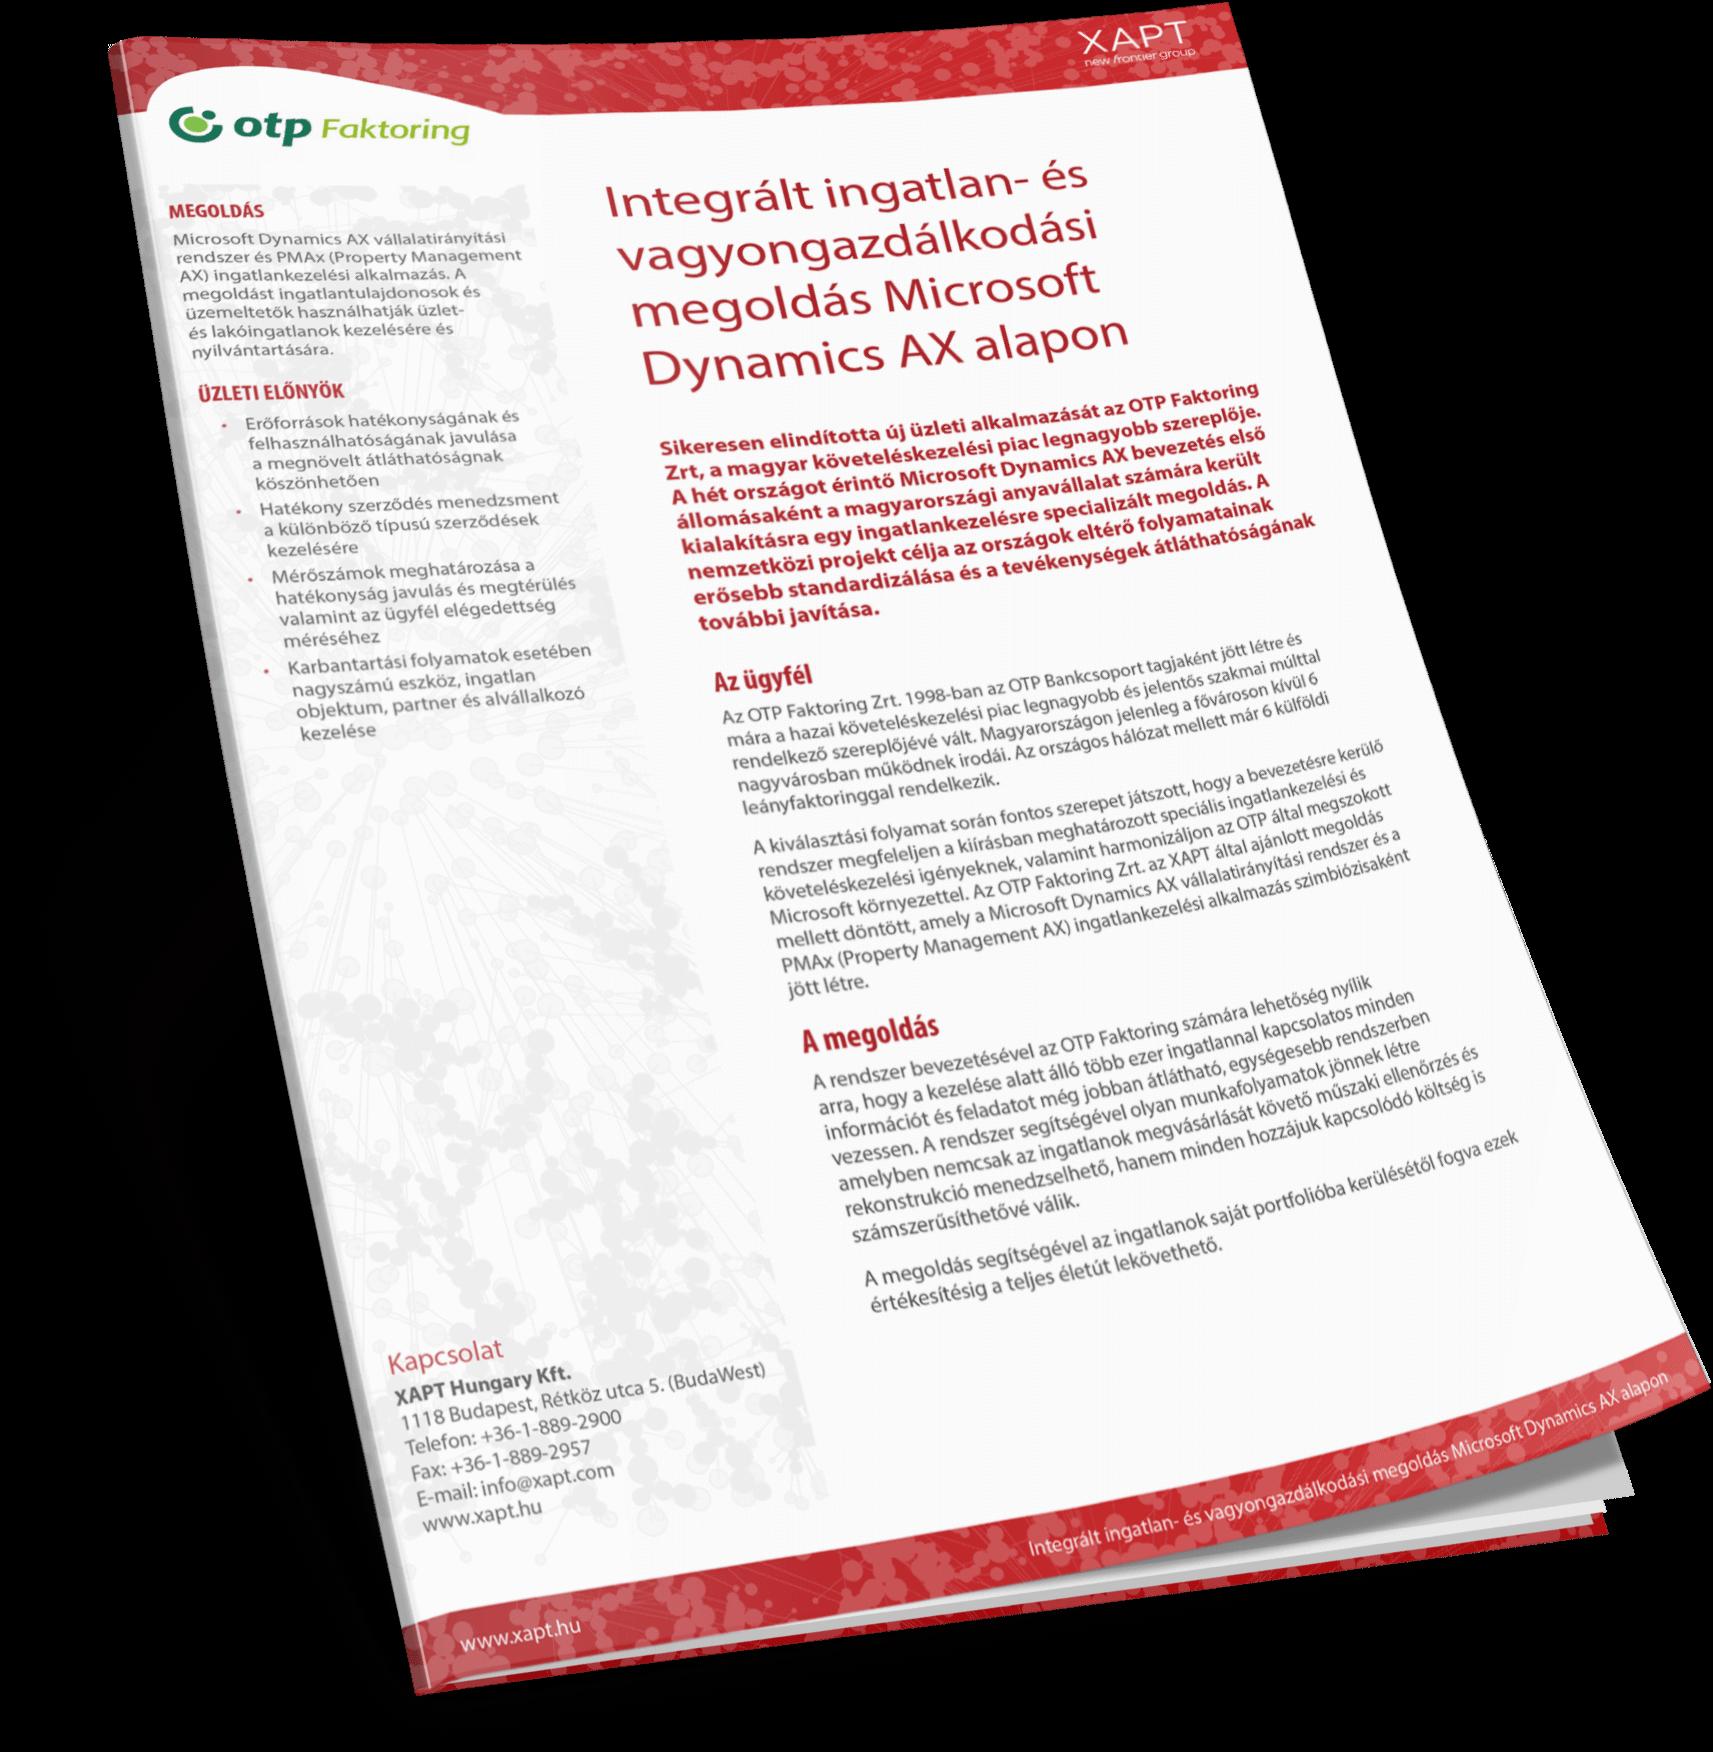 Integrált ingatlan- és vagyongazdálkodási megoldás Microsoft Dynamics AX alapon